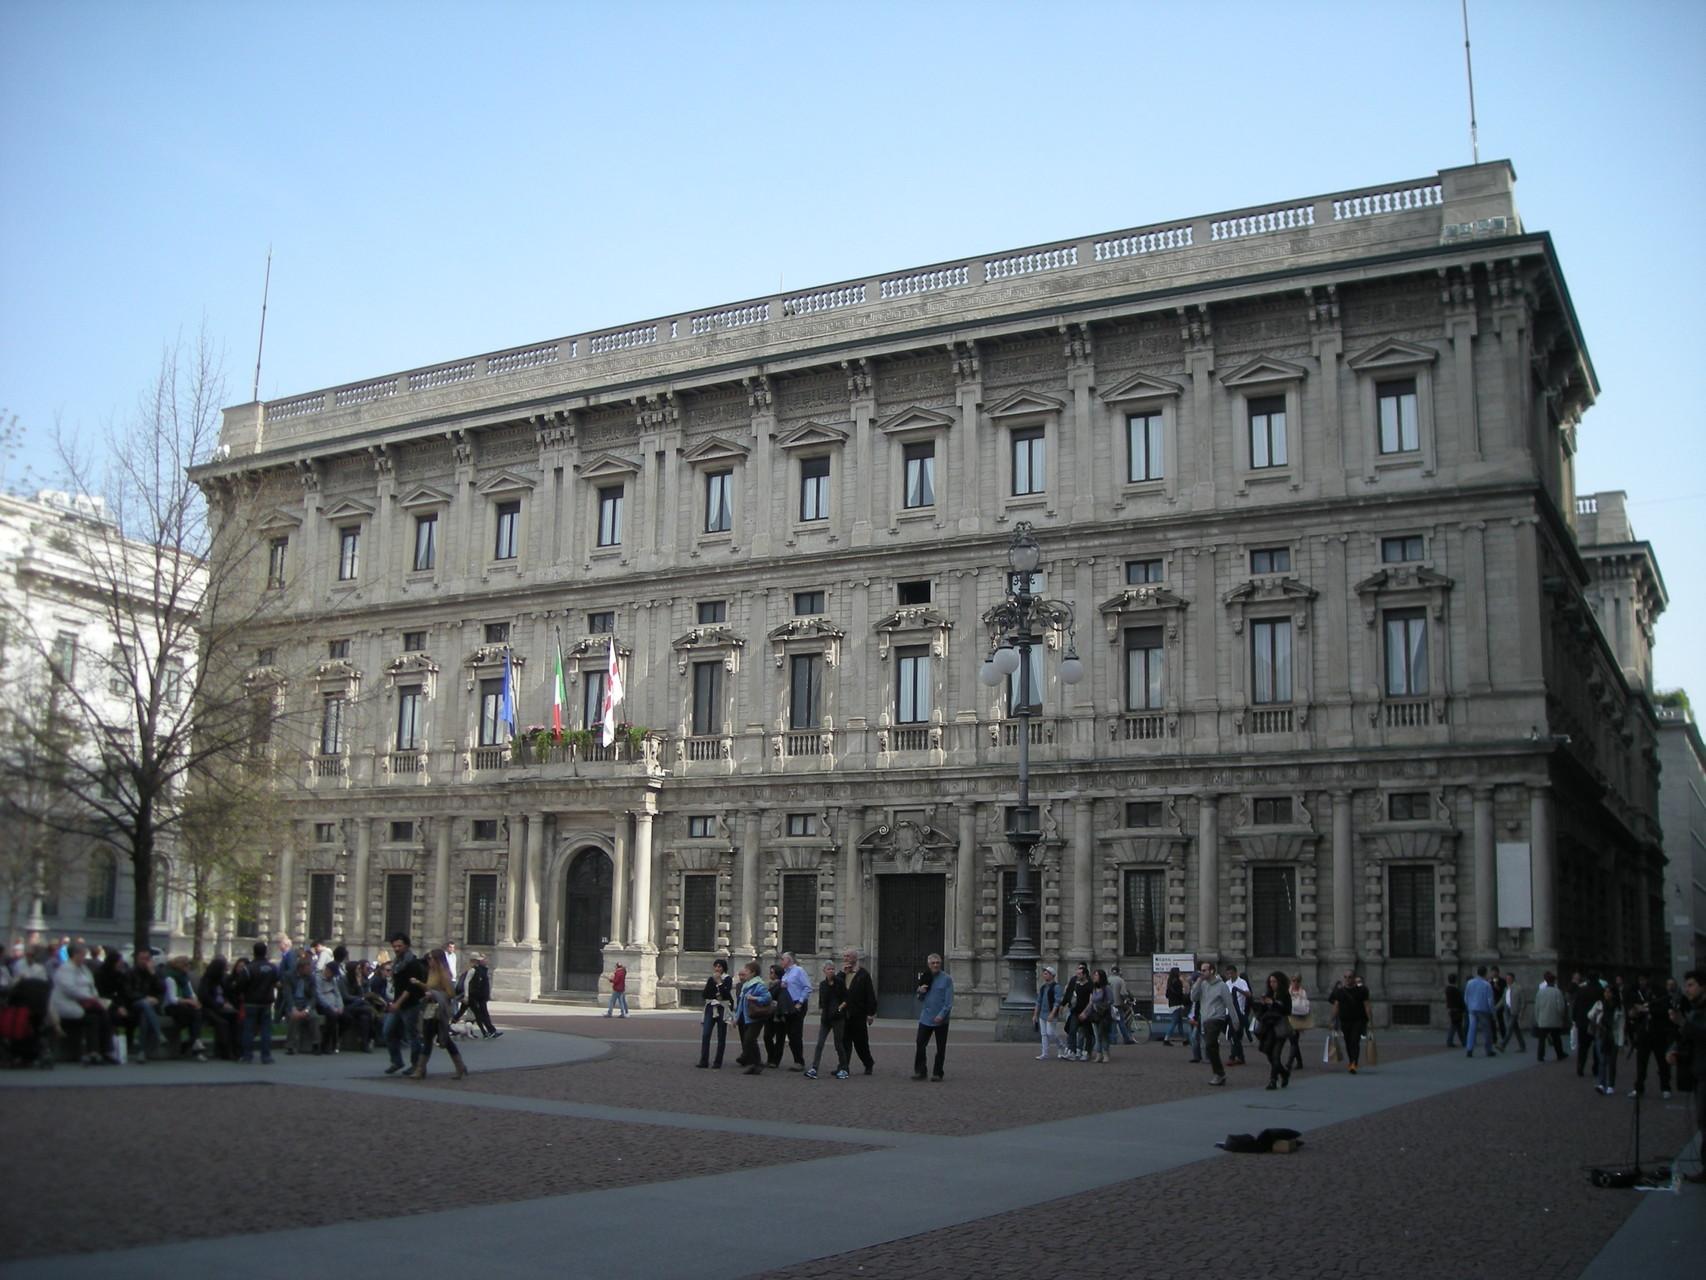 di Expo 2015 apre al pubblico alcune sale che svelano molto bene la sontuosit di questo palazzo cinquecentesco oggi sede del une di Milano